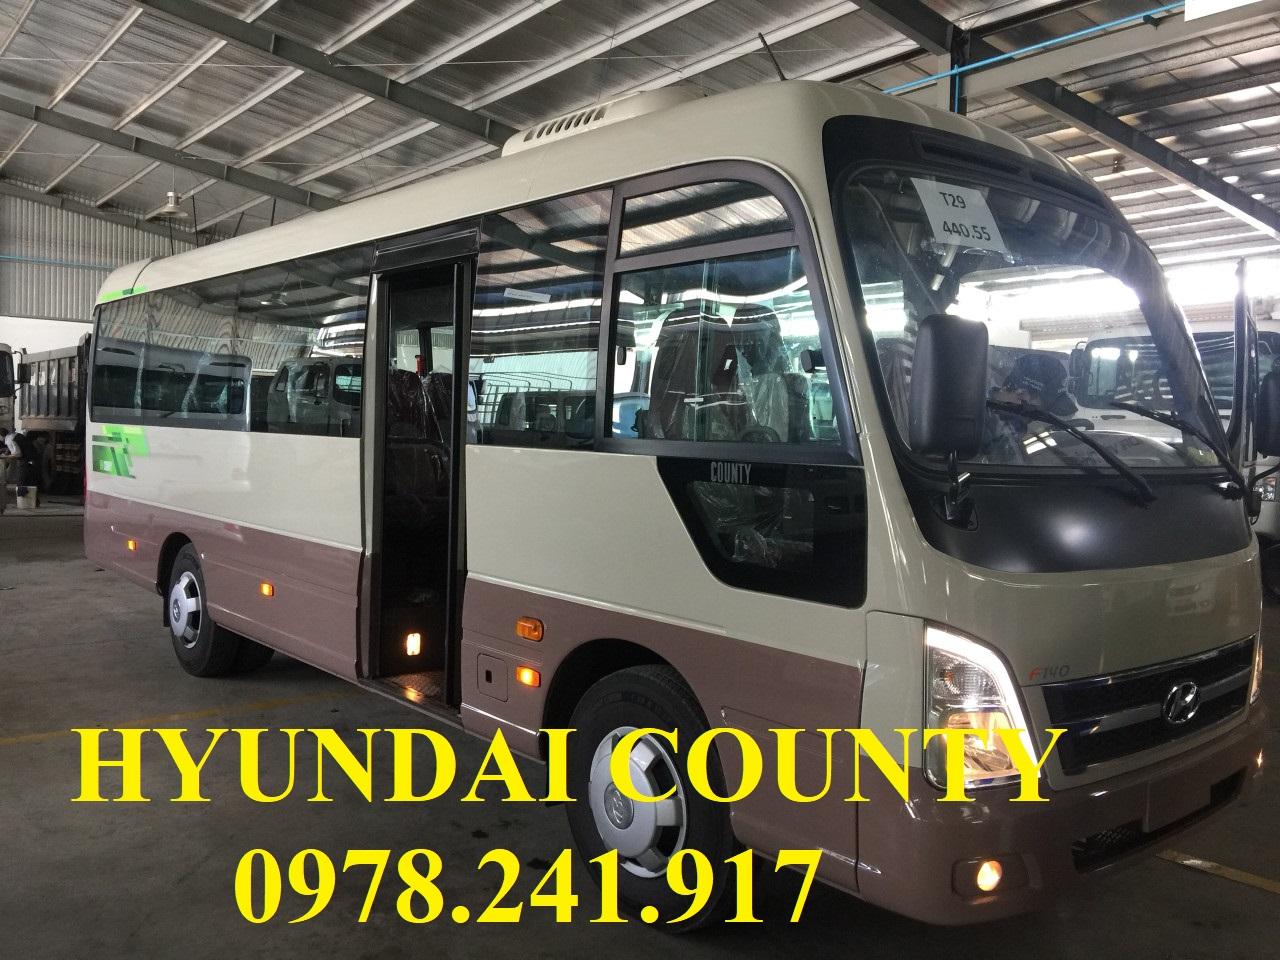 xe khách Hyundai county nhập khẩu